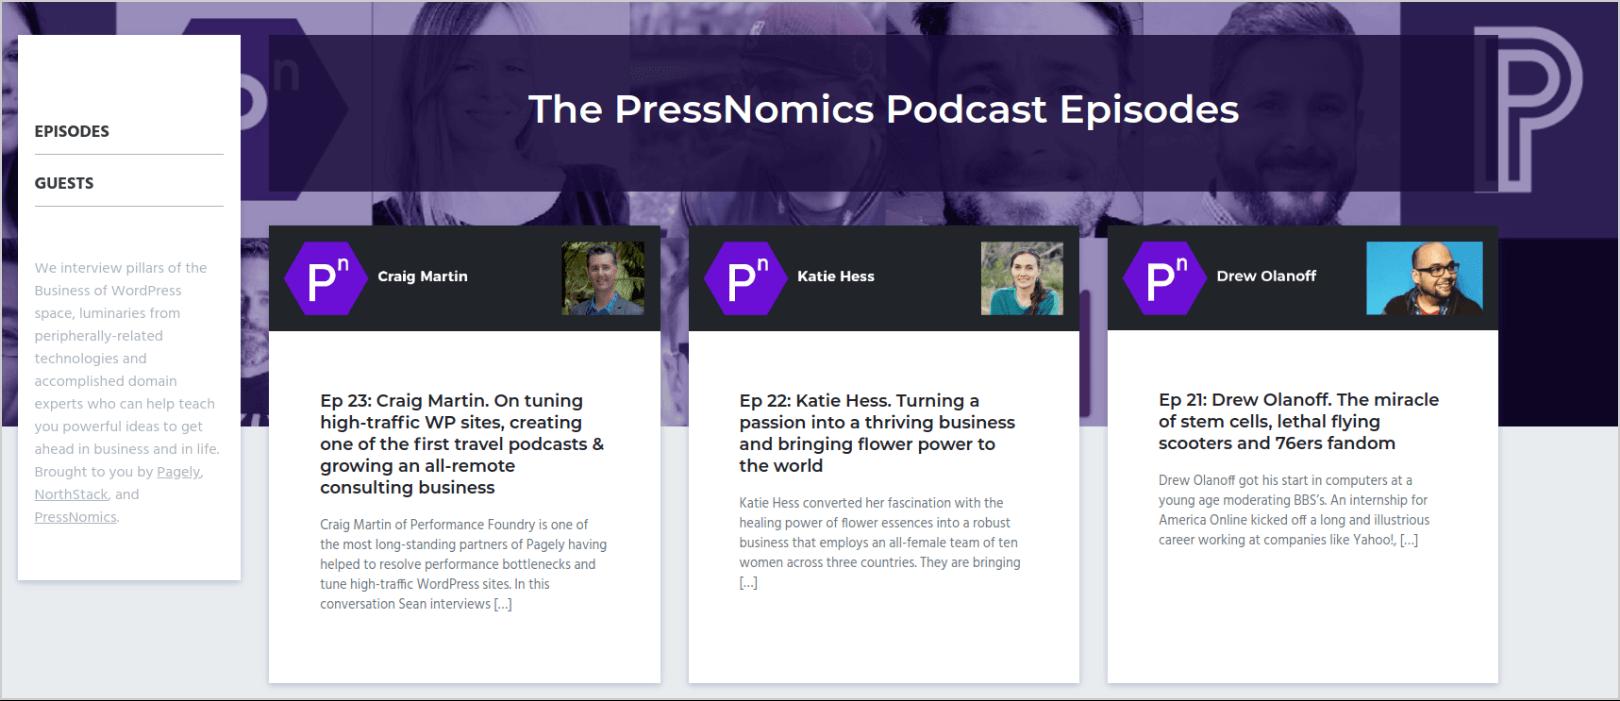 PressNomics podcast